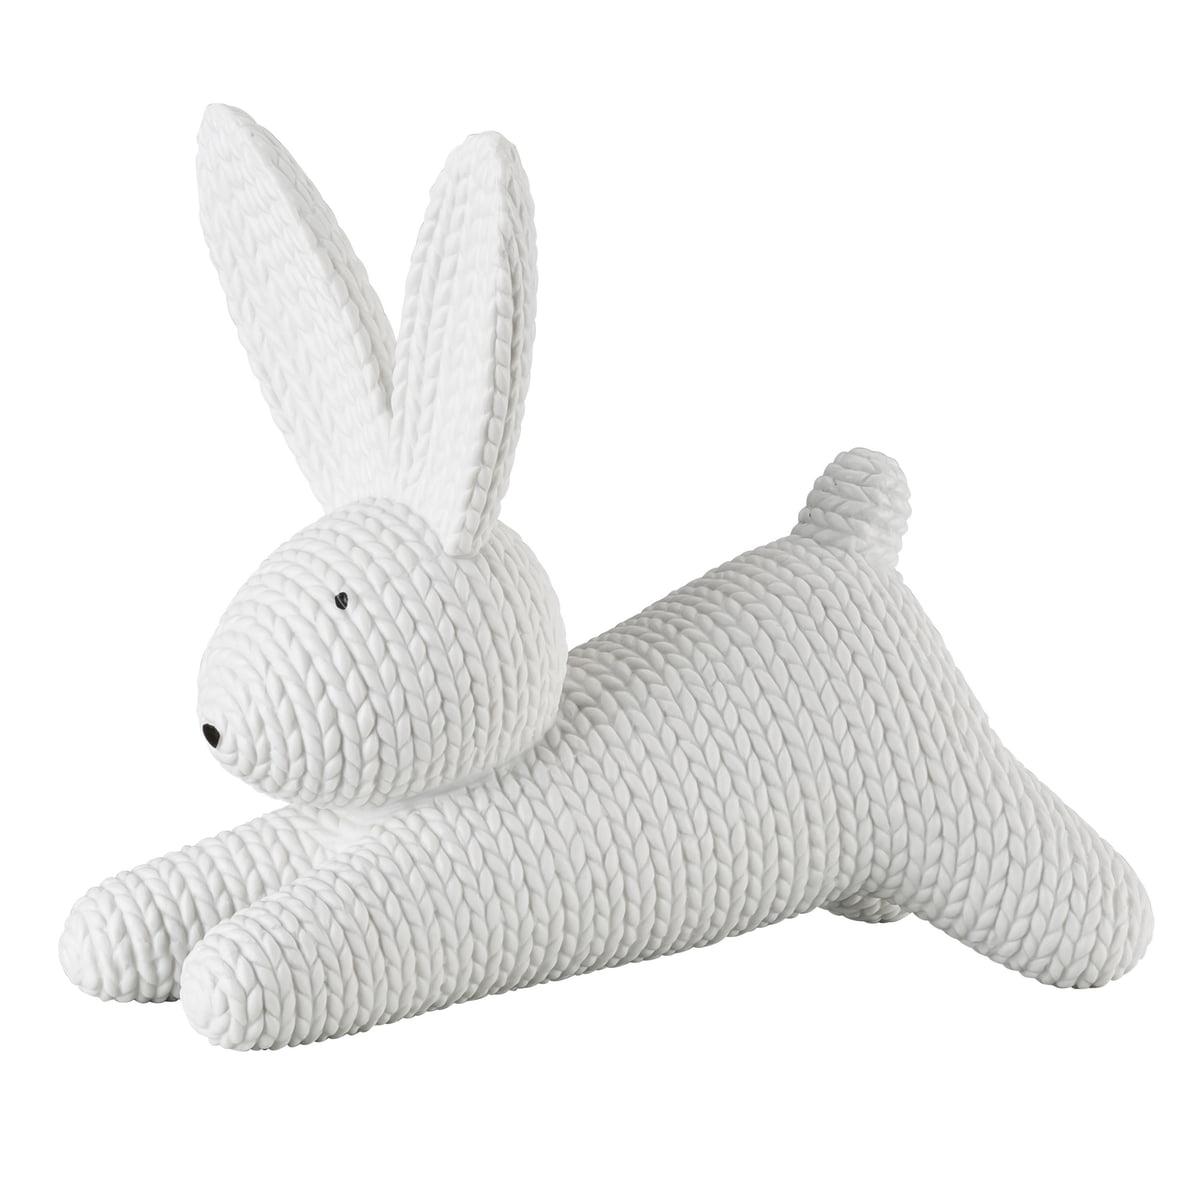 Rosenthal - Hase Porzellan liegend groß, weiß